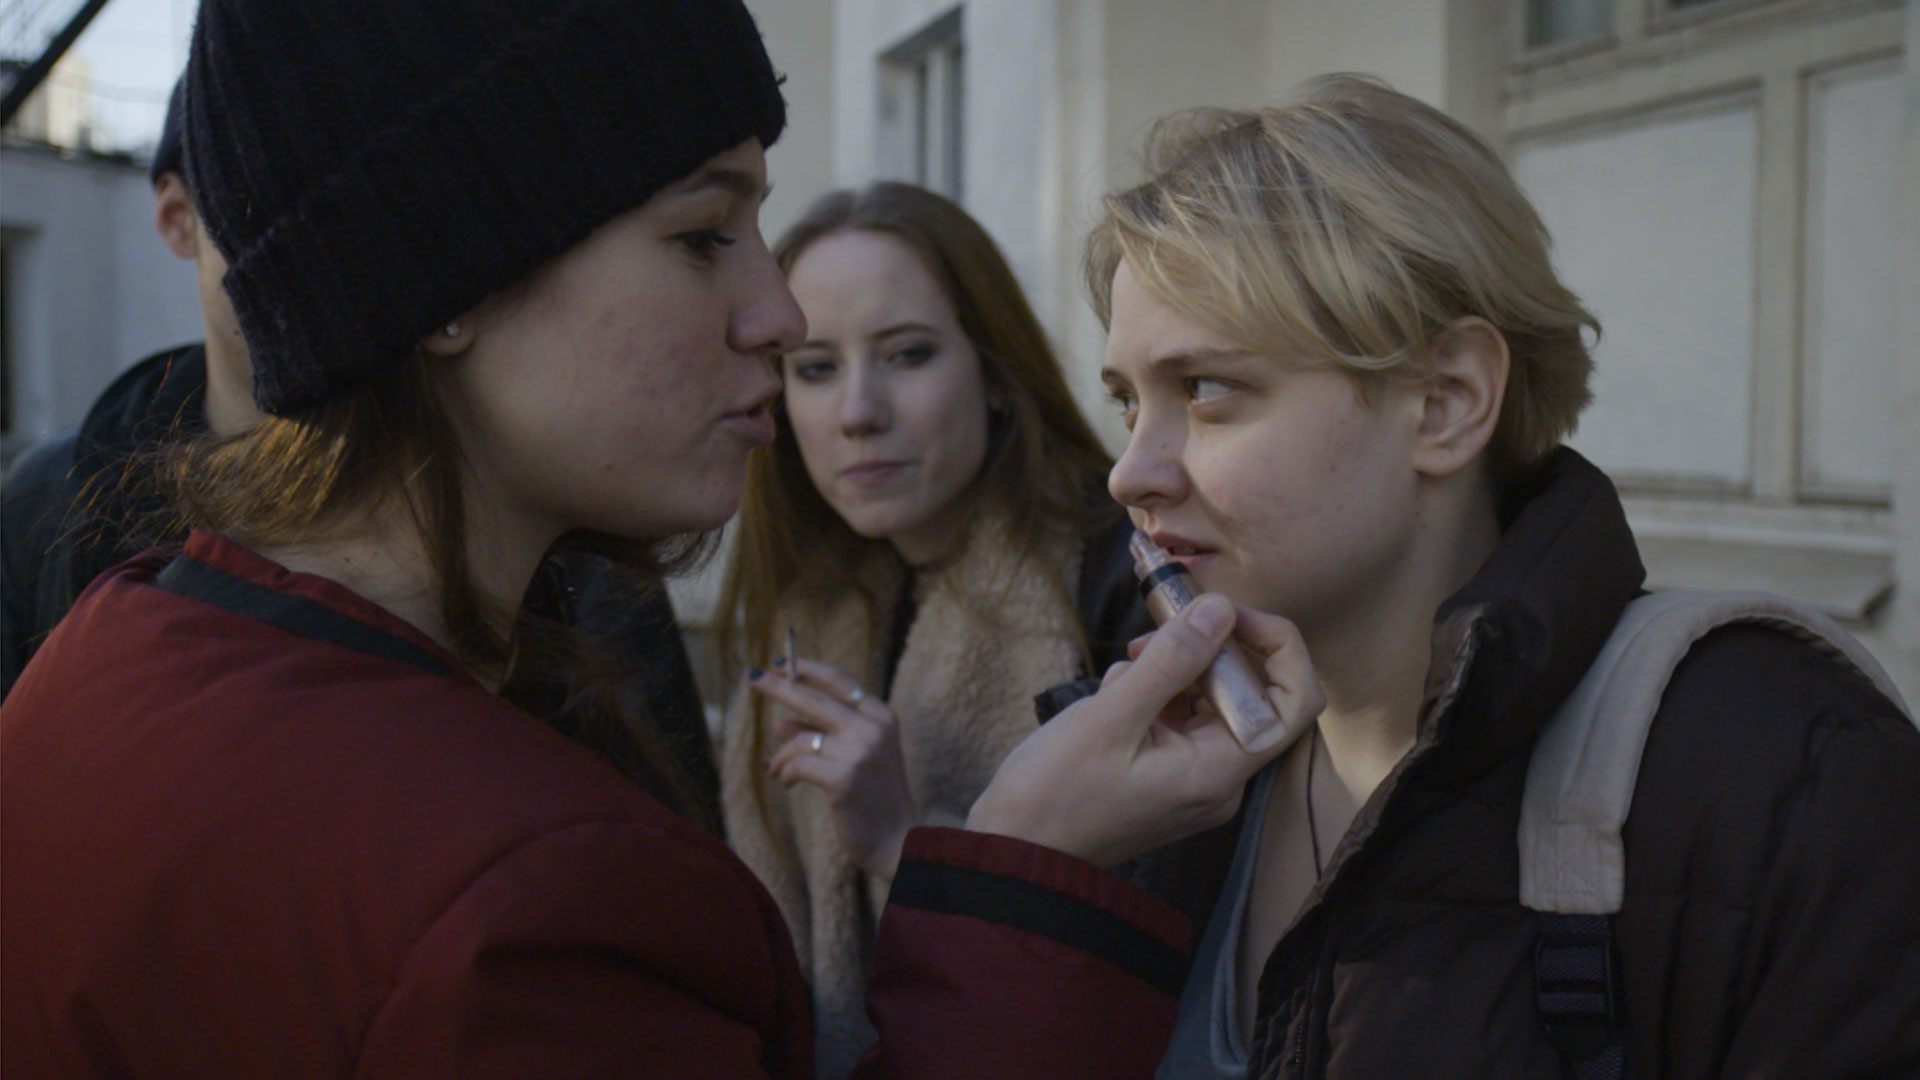 Tenåringsdatteren Anya (til høyre) strever med å bli godtatt i den dominerende gjengen. Fra filmen den russiske  Nearest and dearest  av Ksenia Zueva.